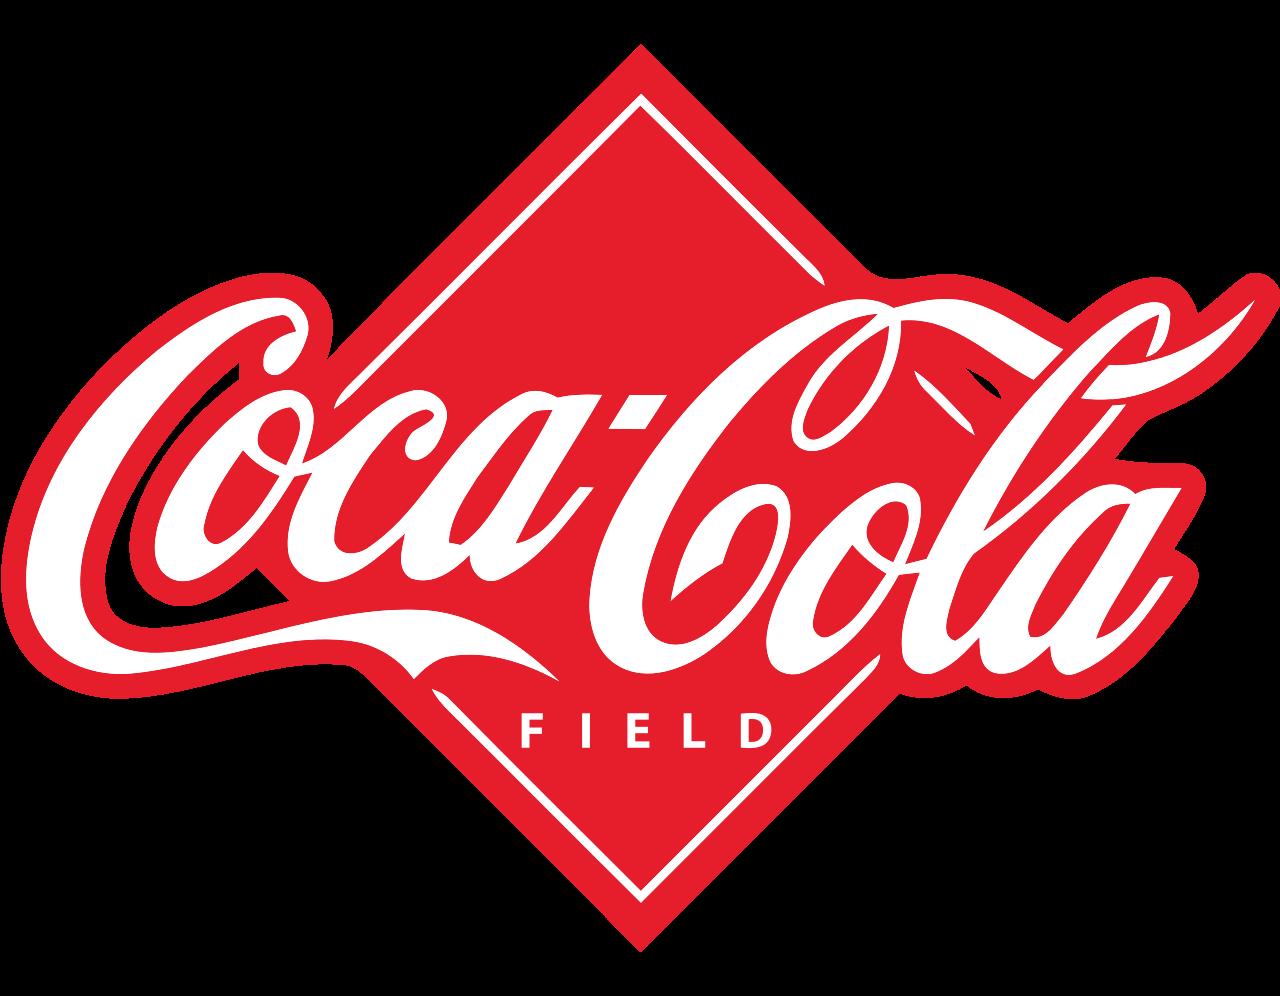 Coca Cola, Coca, Soda, Drink, Coca cola logo